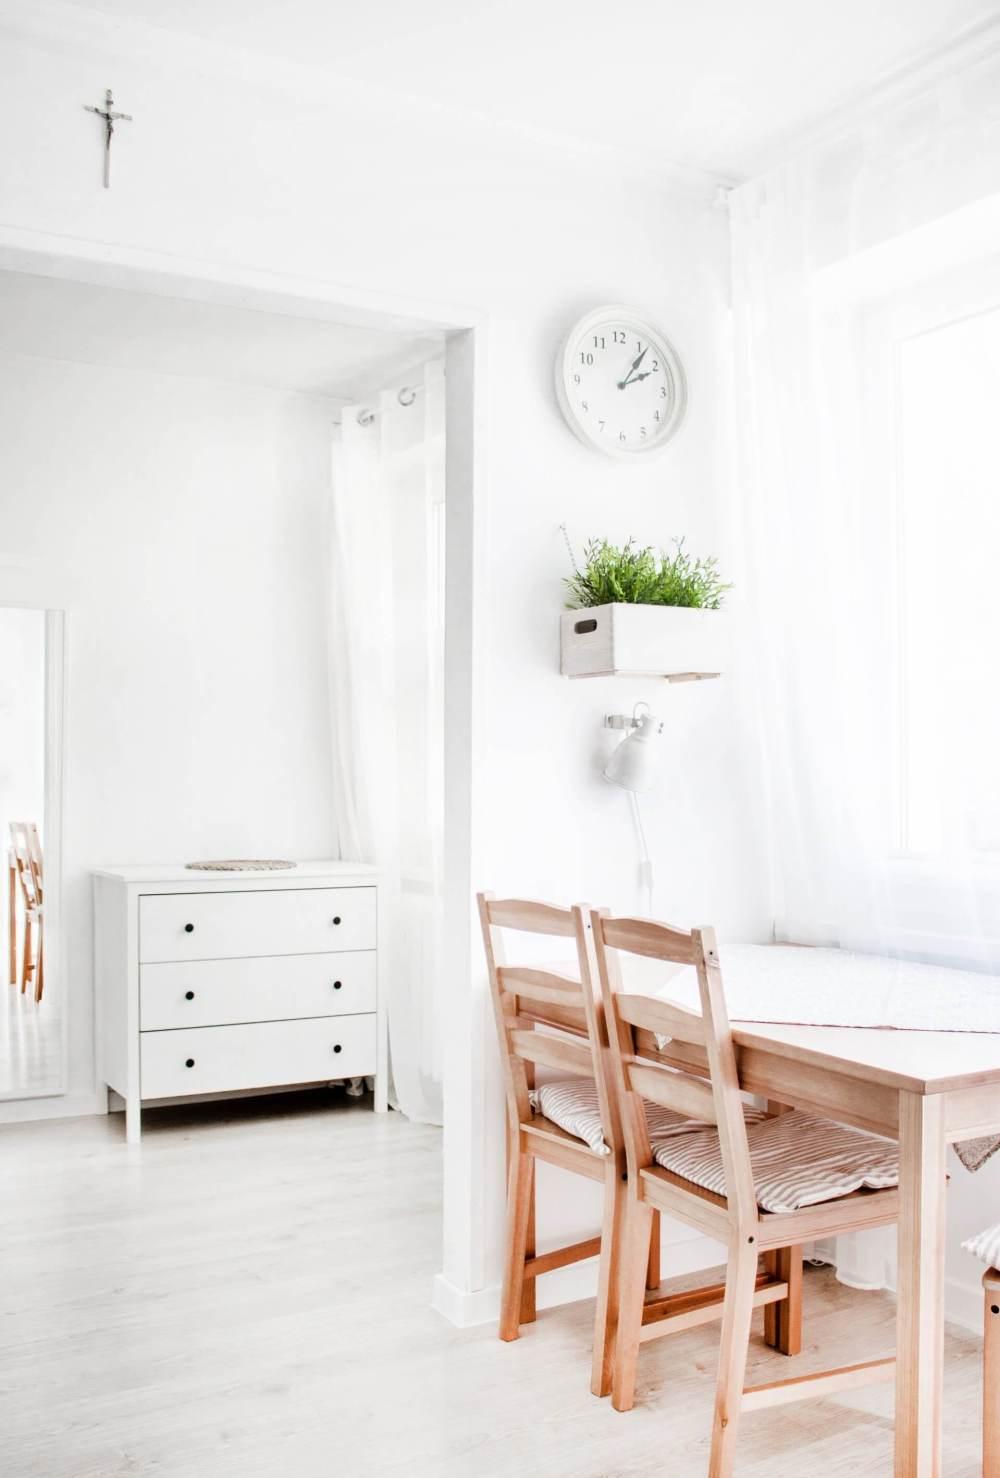 Modern Minimalist Interior Design: How To Achieve Modern, Minimalist Décor Style